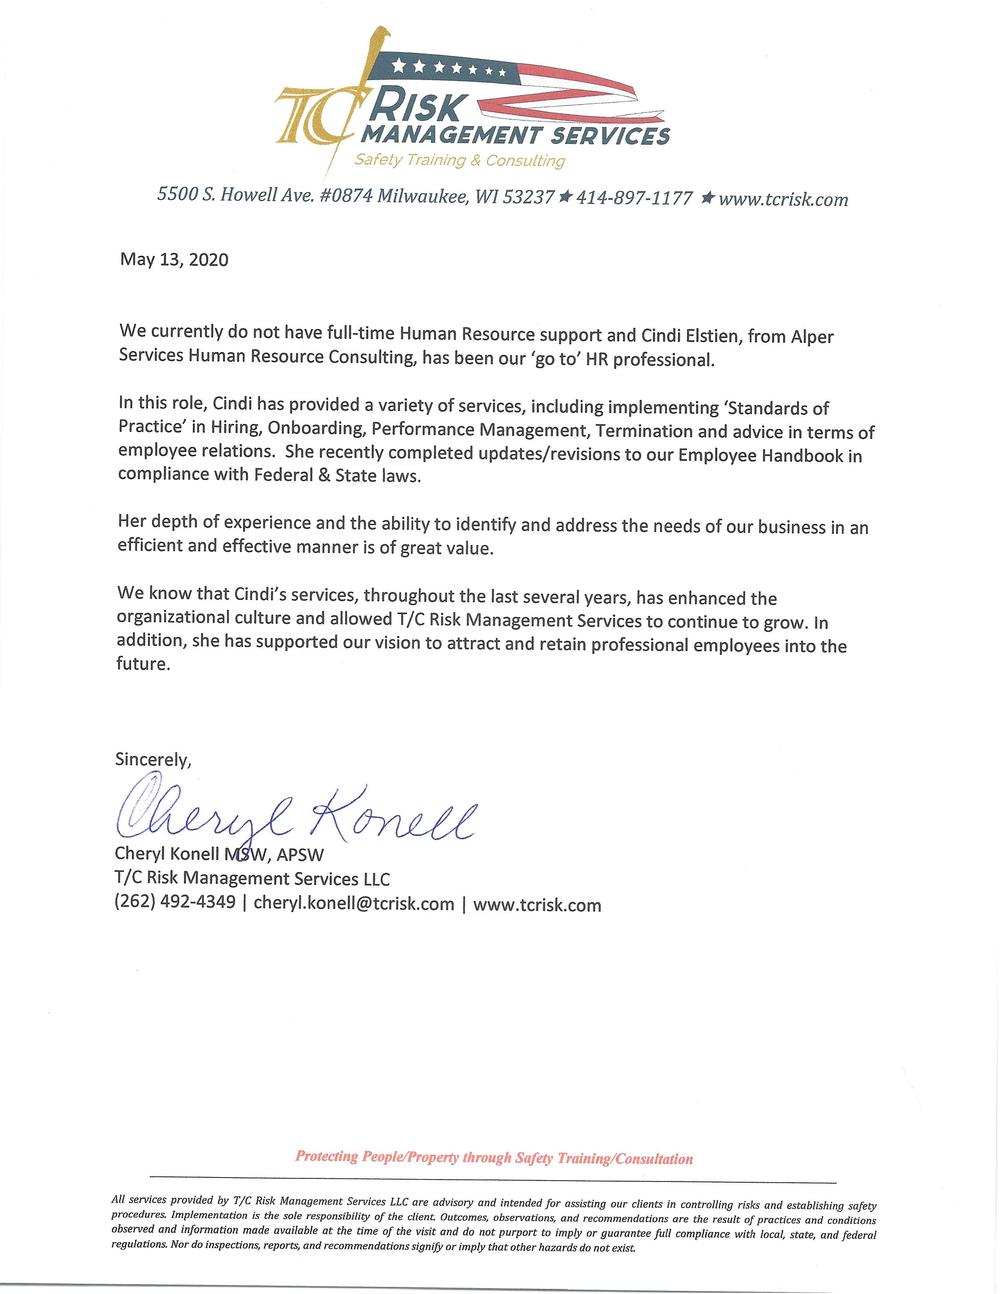 5.14.20 TCrisk Testimonial Letter for Cynthia Elstien